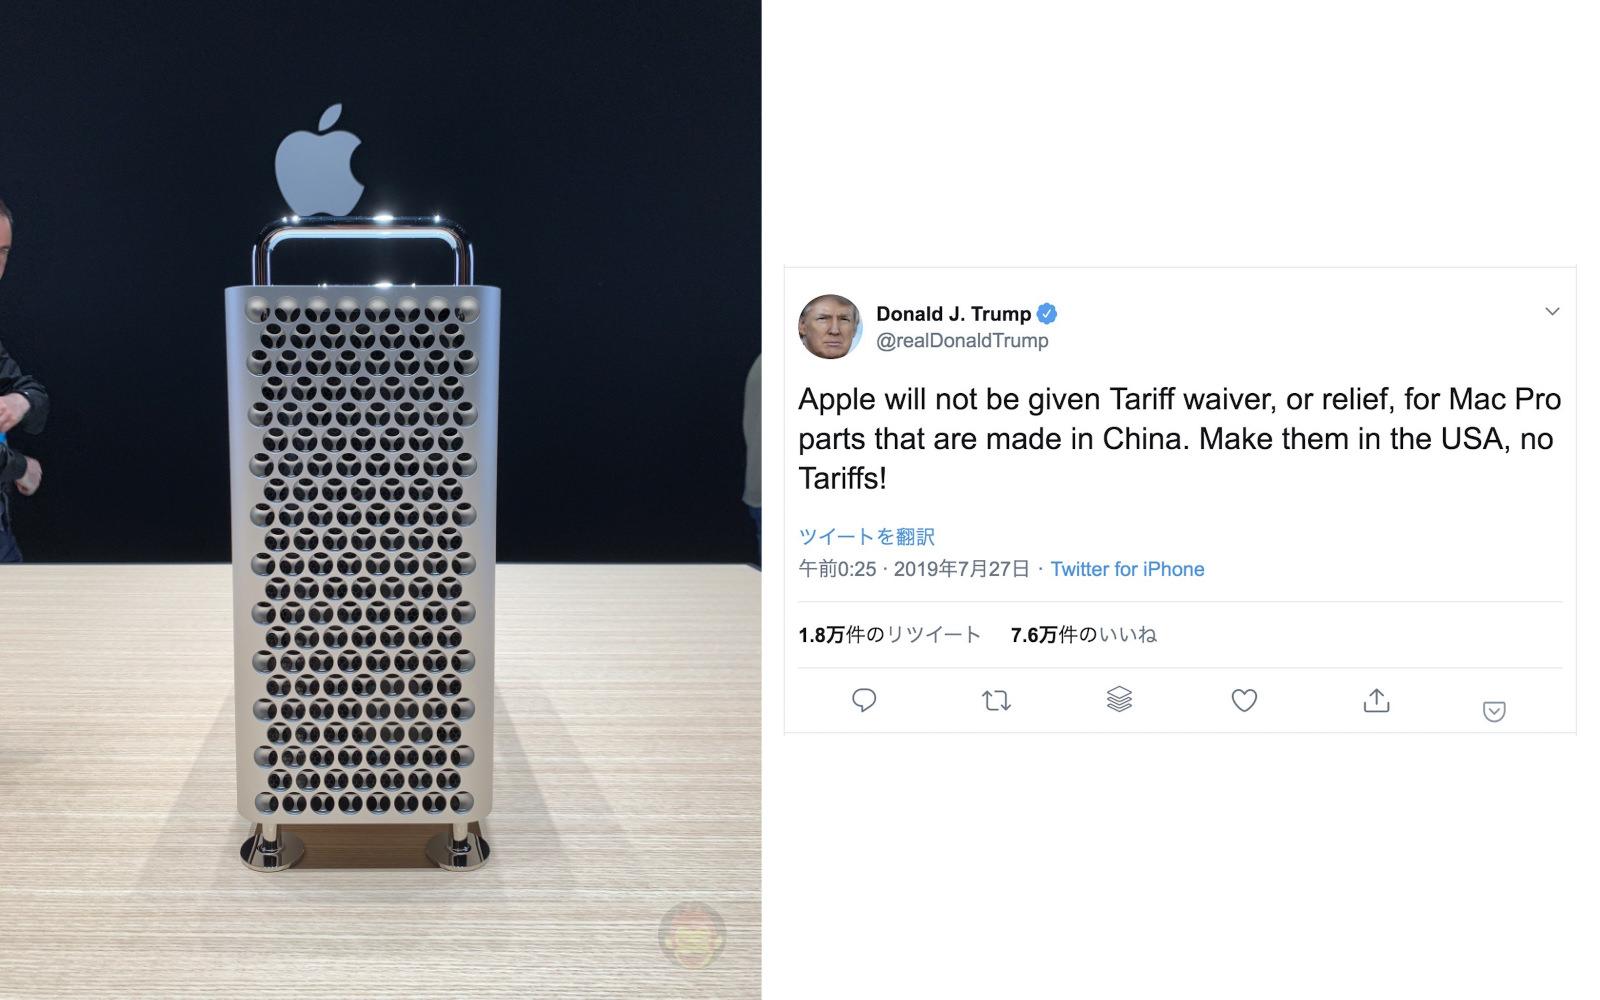 Donald-trump-will-not-let-apple-avoid-tariffs.jpg